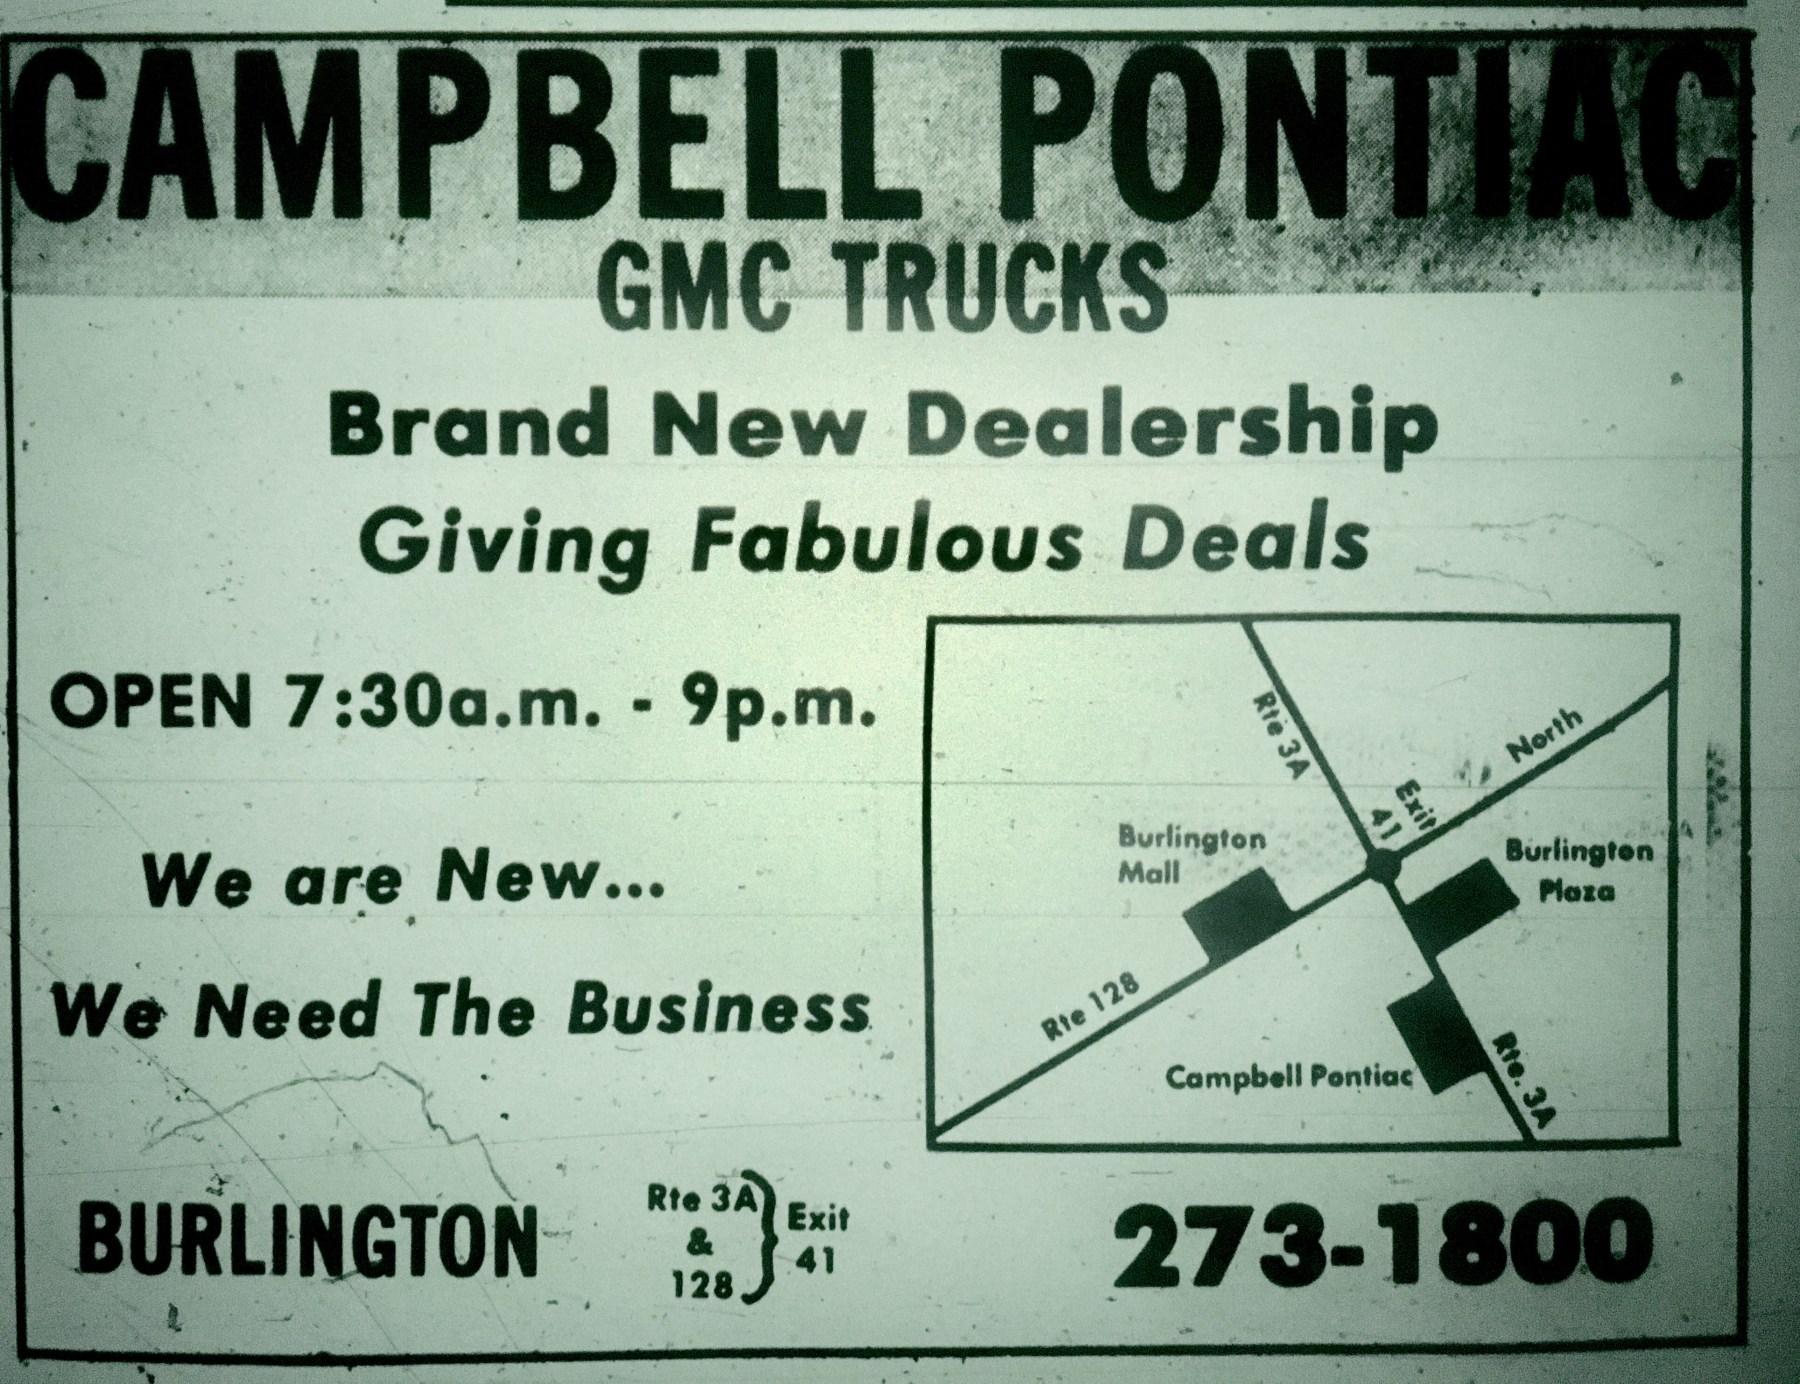 Campbell Pontiac